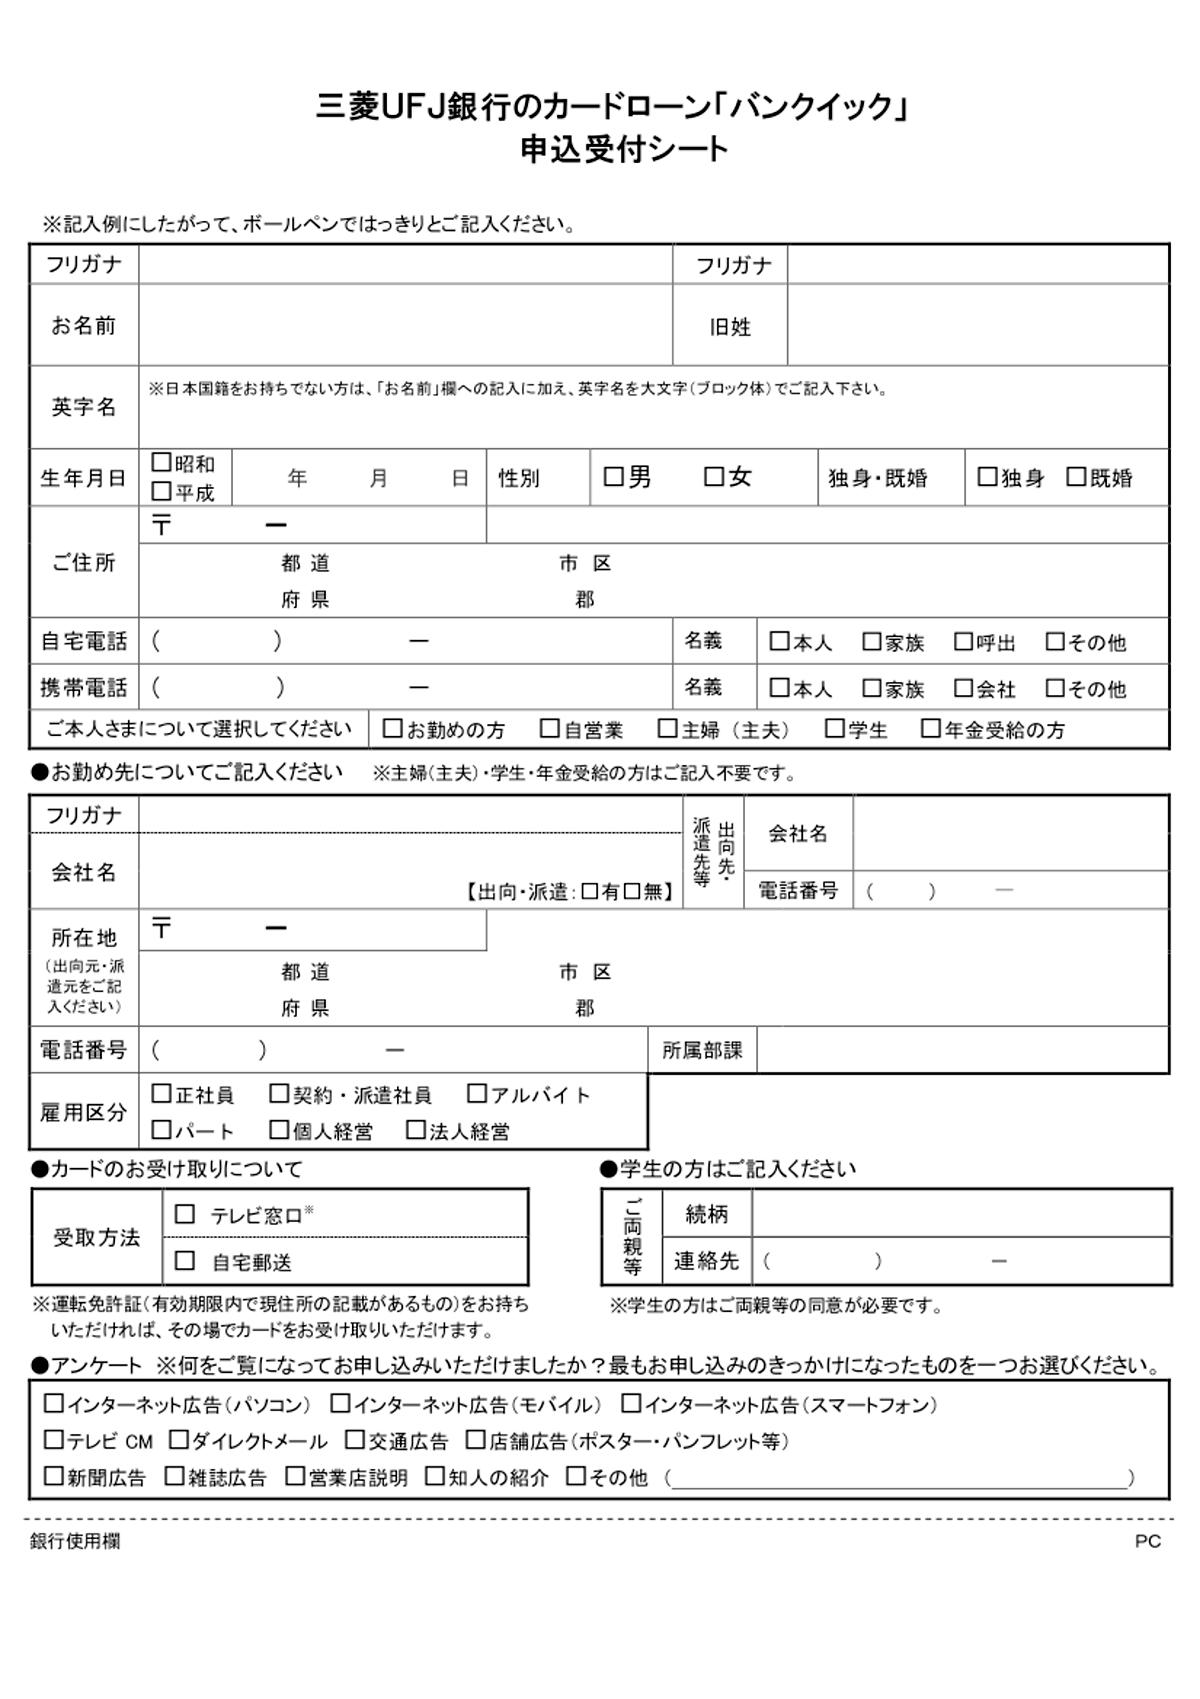 三菱UFJ銀行ホームページの申込受付シート